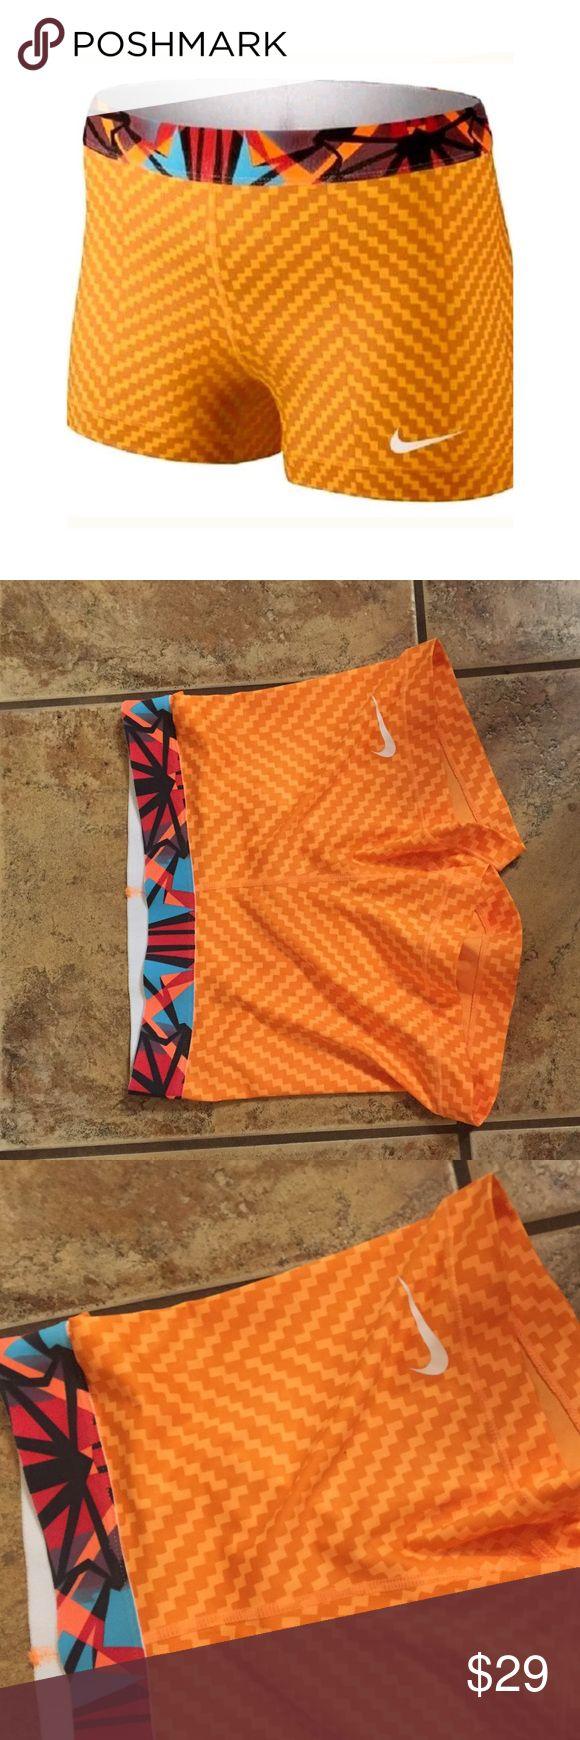 """NIKE Pro Womens 3"""" Dri Fit Zigzag Shorts Orange NIKE Pro Womens 3"""" Dri Fit Zigzag Shorts Orange size small Nike Shorts"""